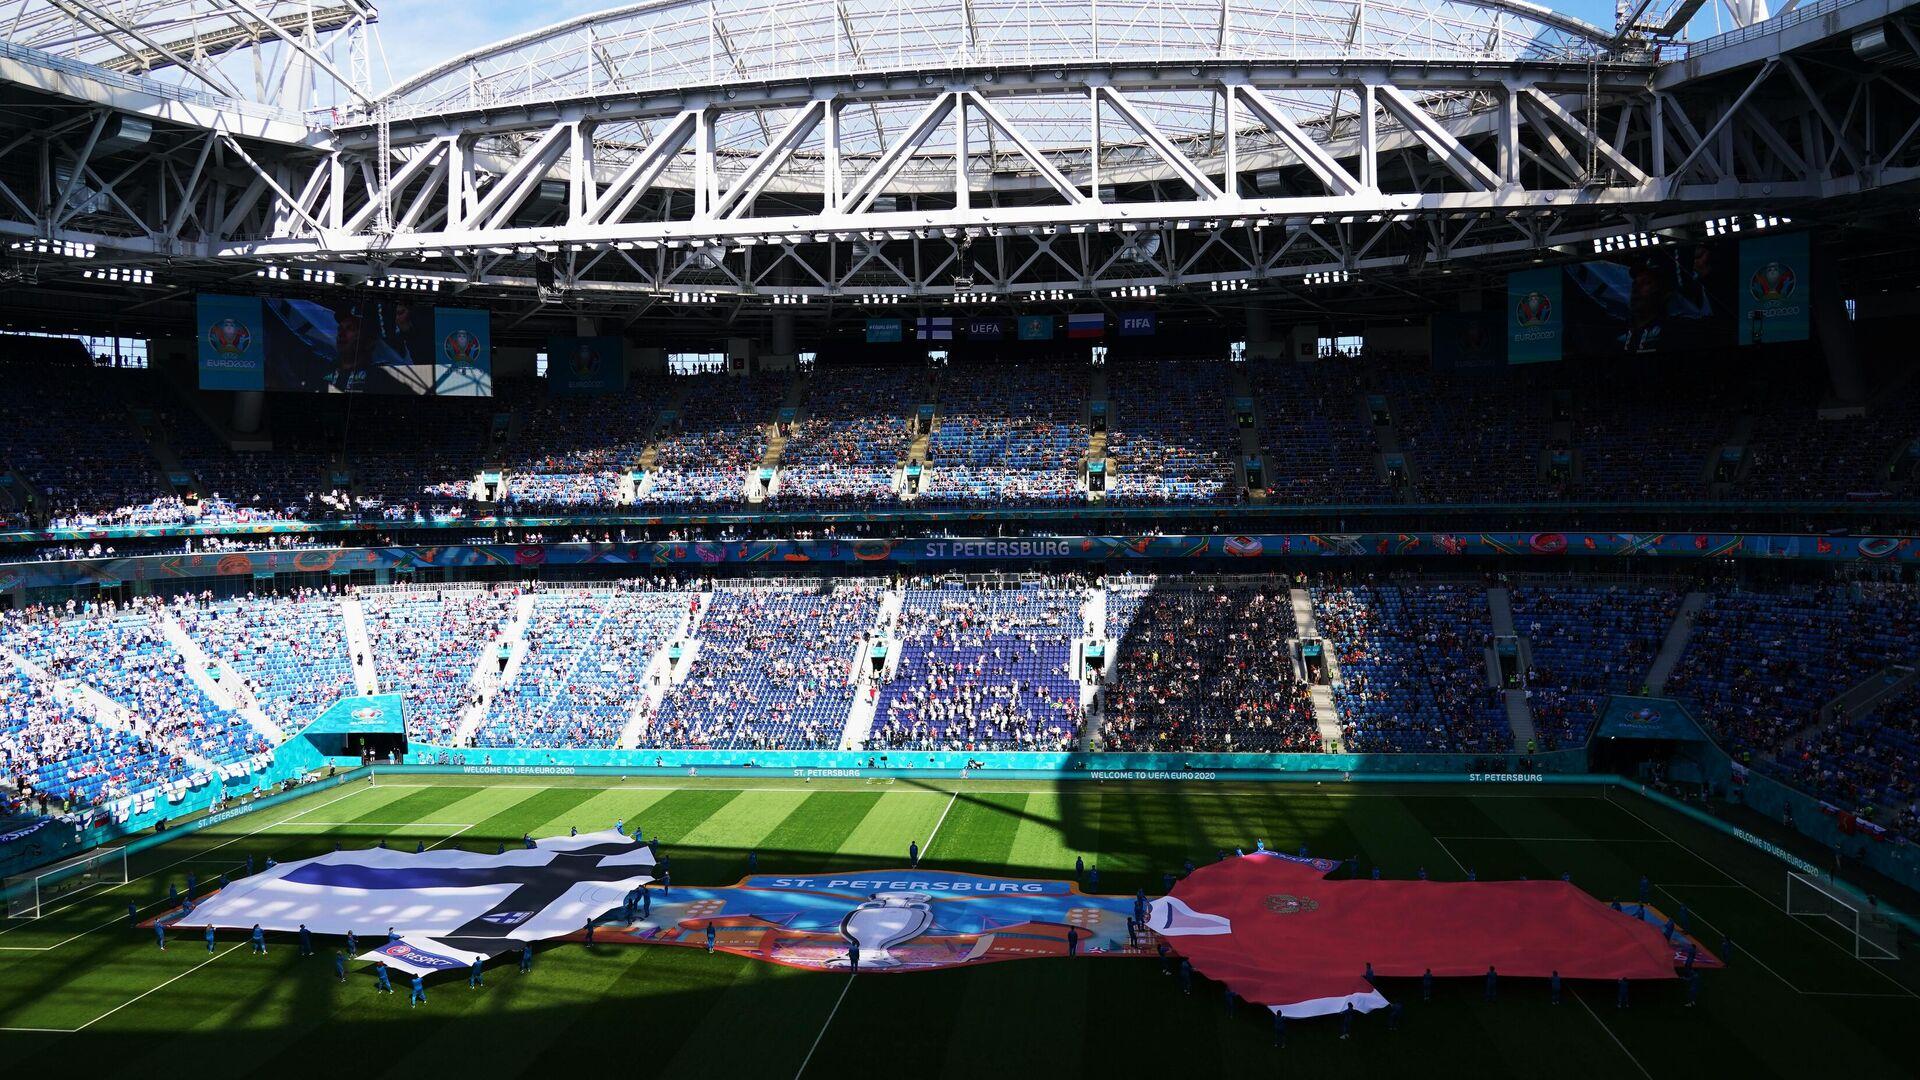 Стадион в Санкт-Петербурге - РИА Новости, 1920, 22.06.2021